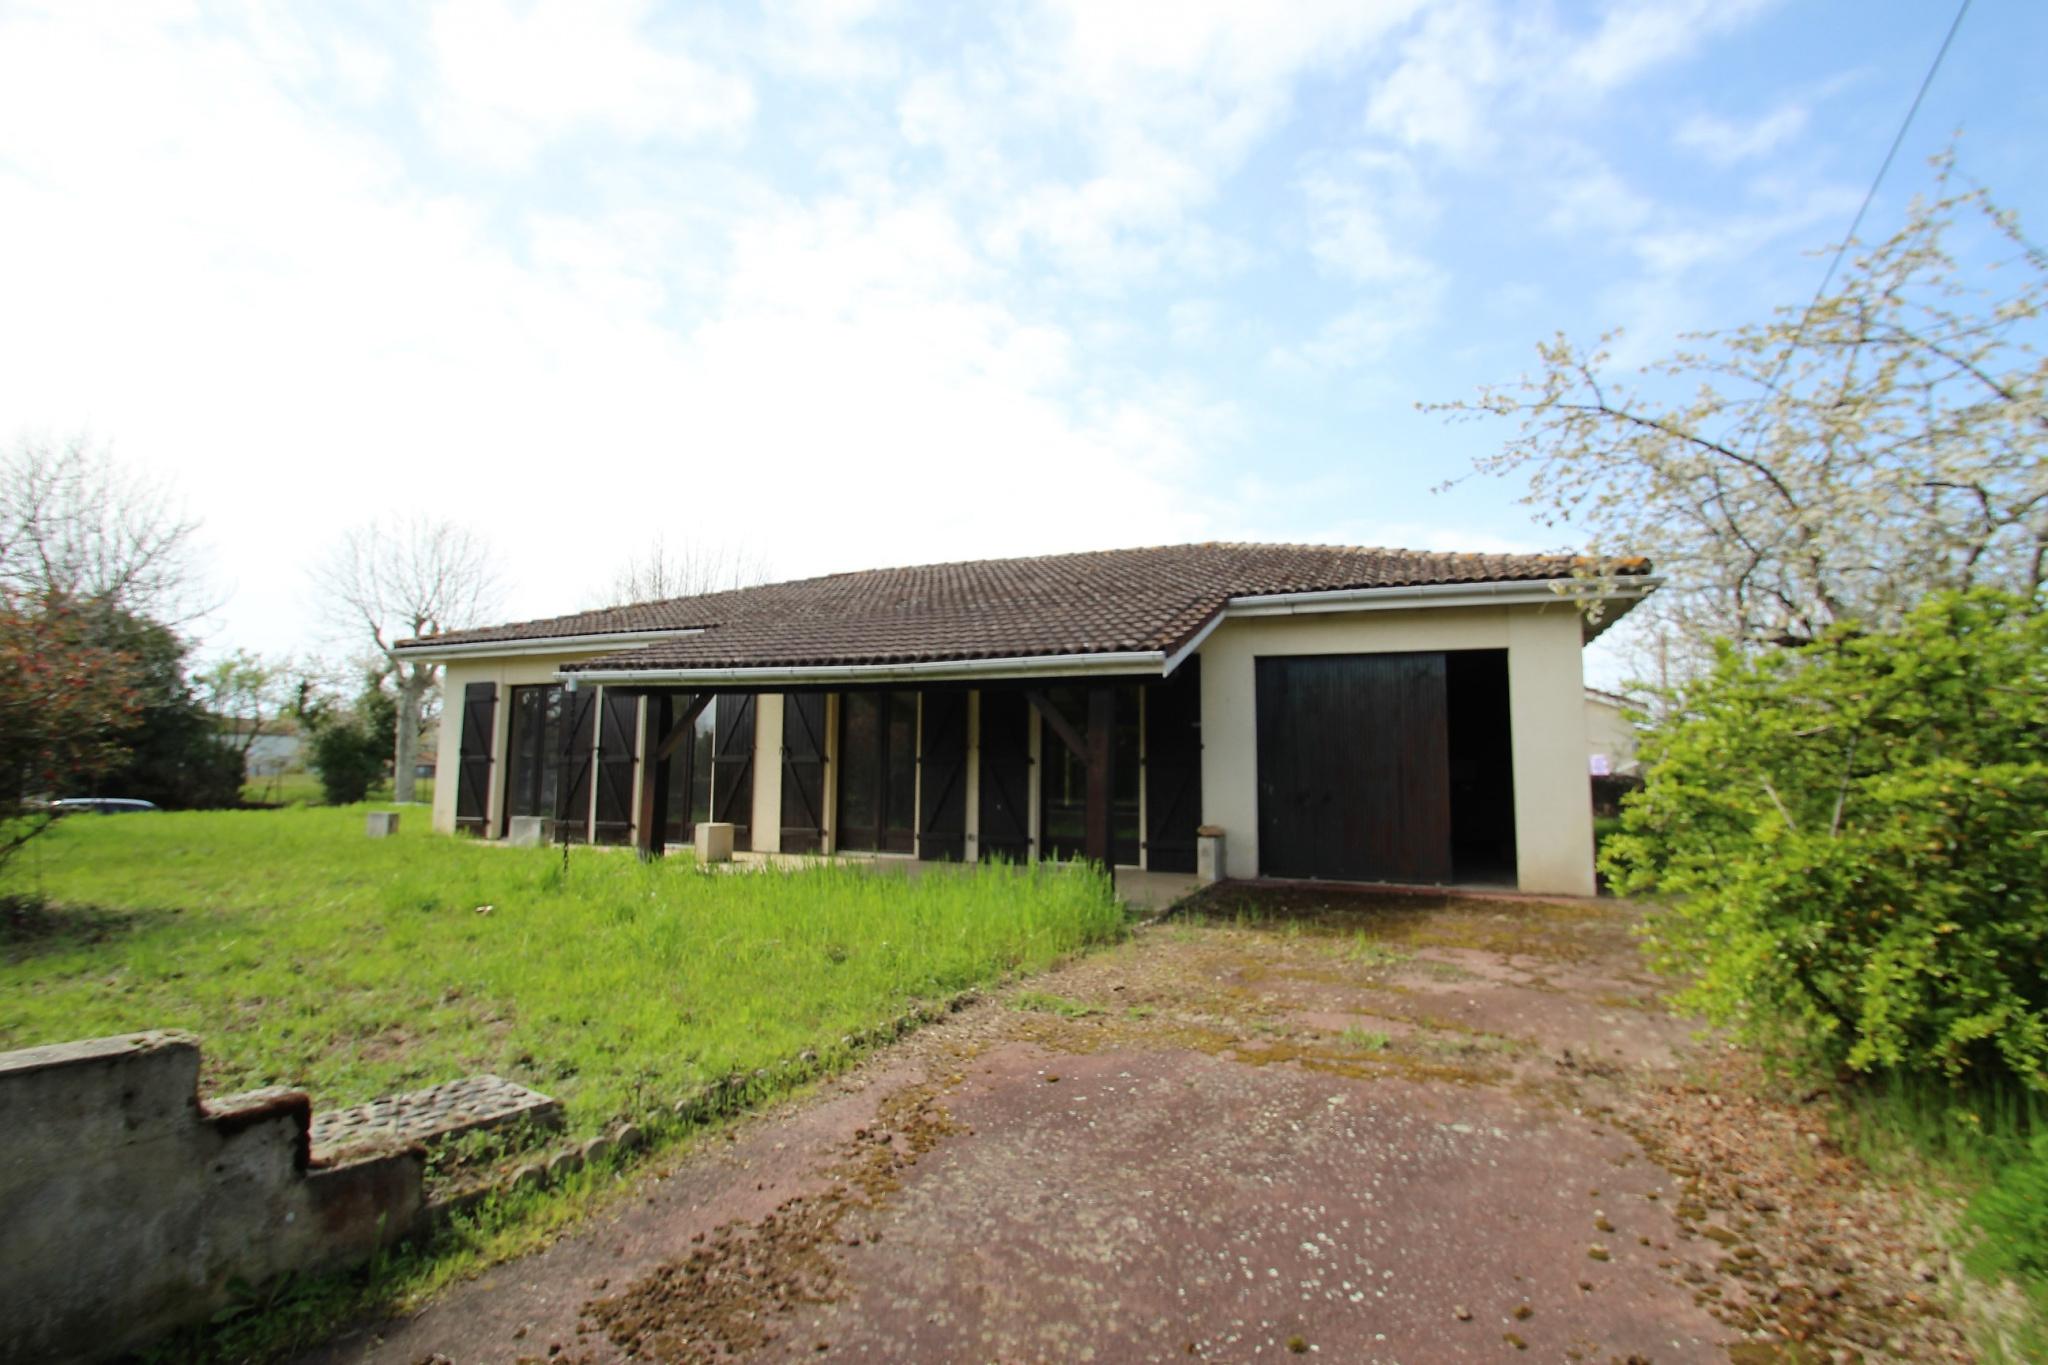 Vente maison/villa 4 pièces riscle 32400